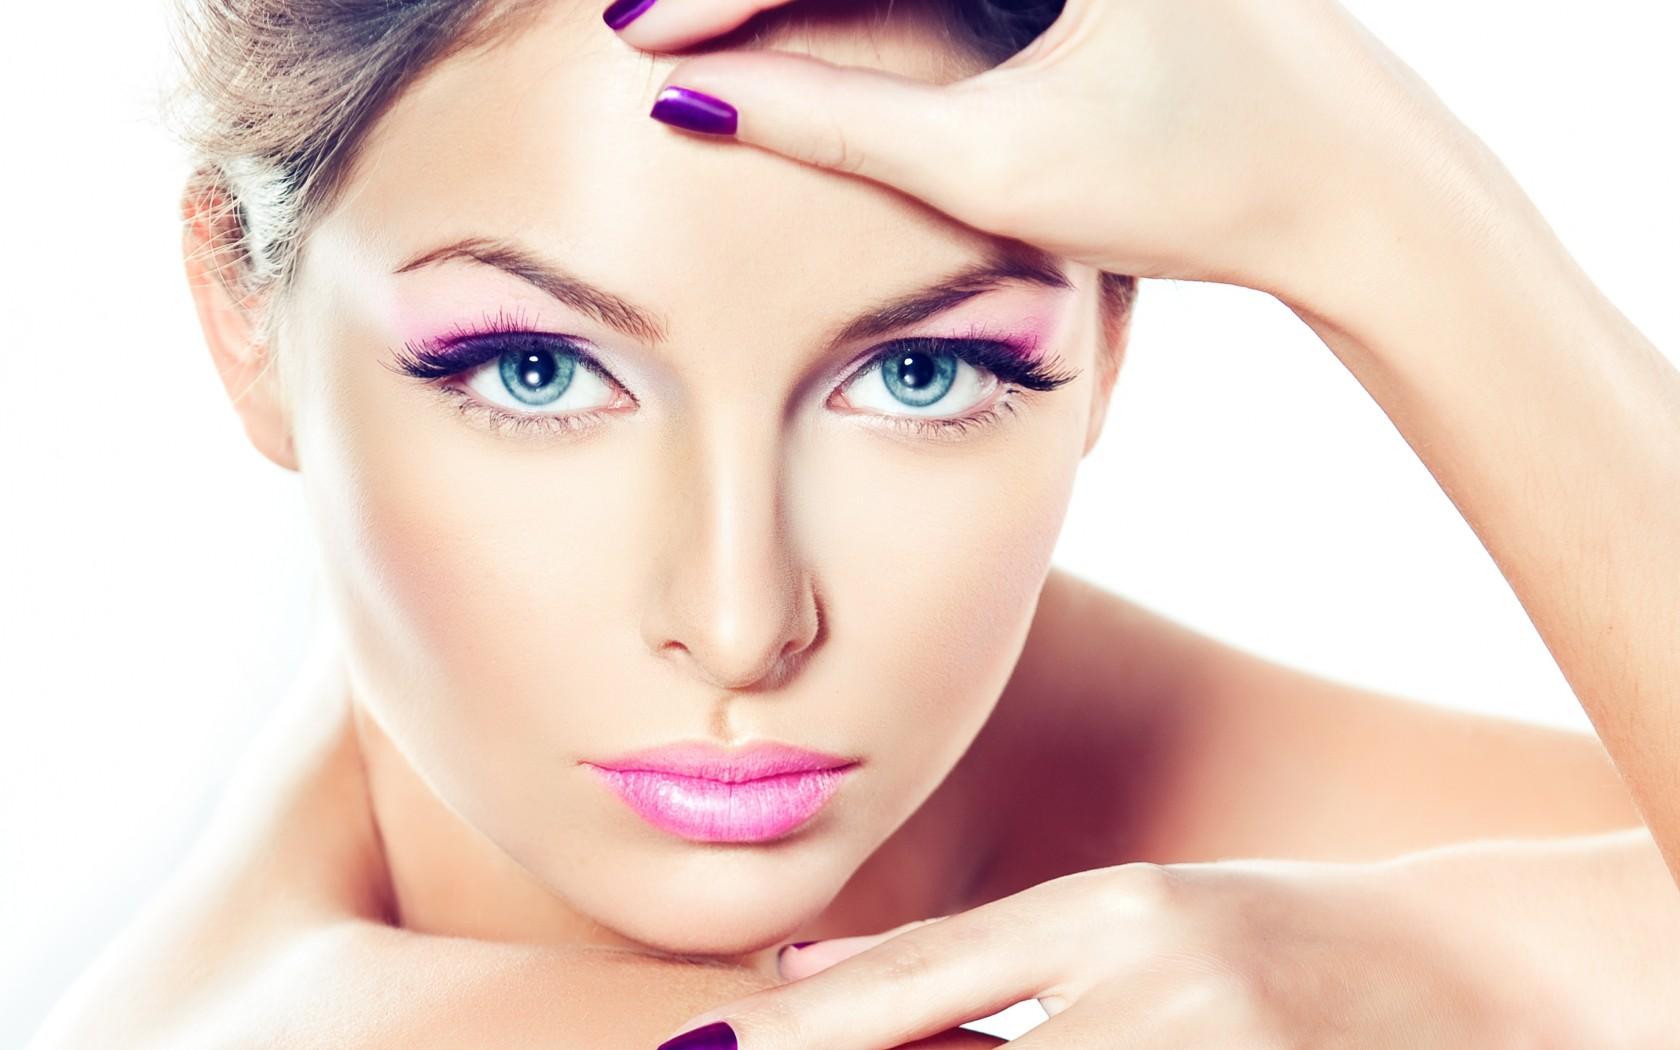 Нежный макияж в розовых оттенках